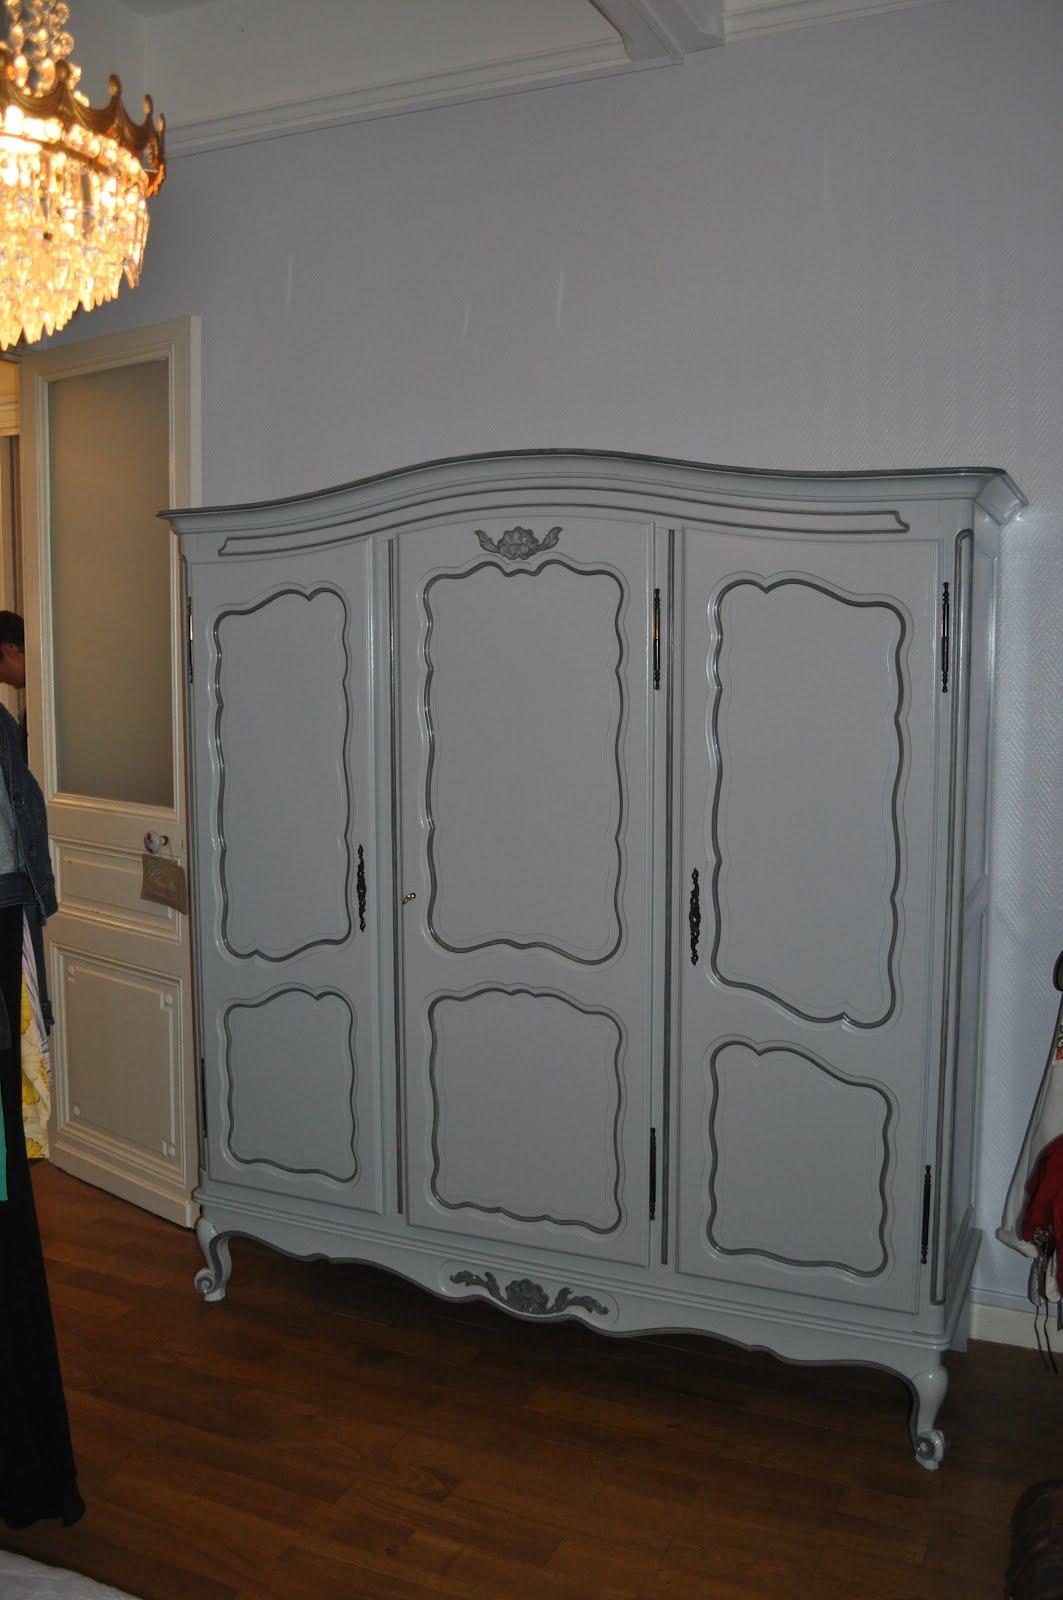 Bois et patines nathalie madrenes repeindre une armoire for Peinture pour repeindre meuble ancien